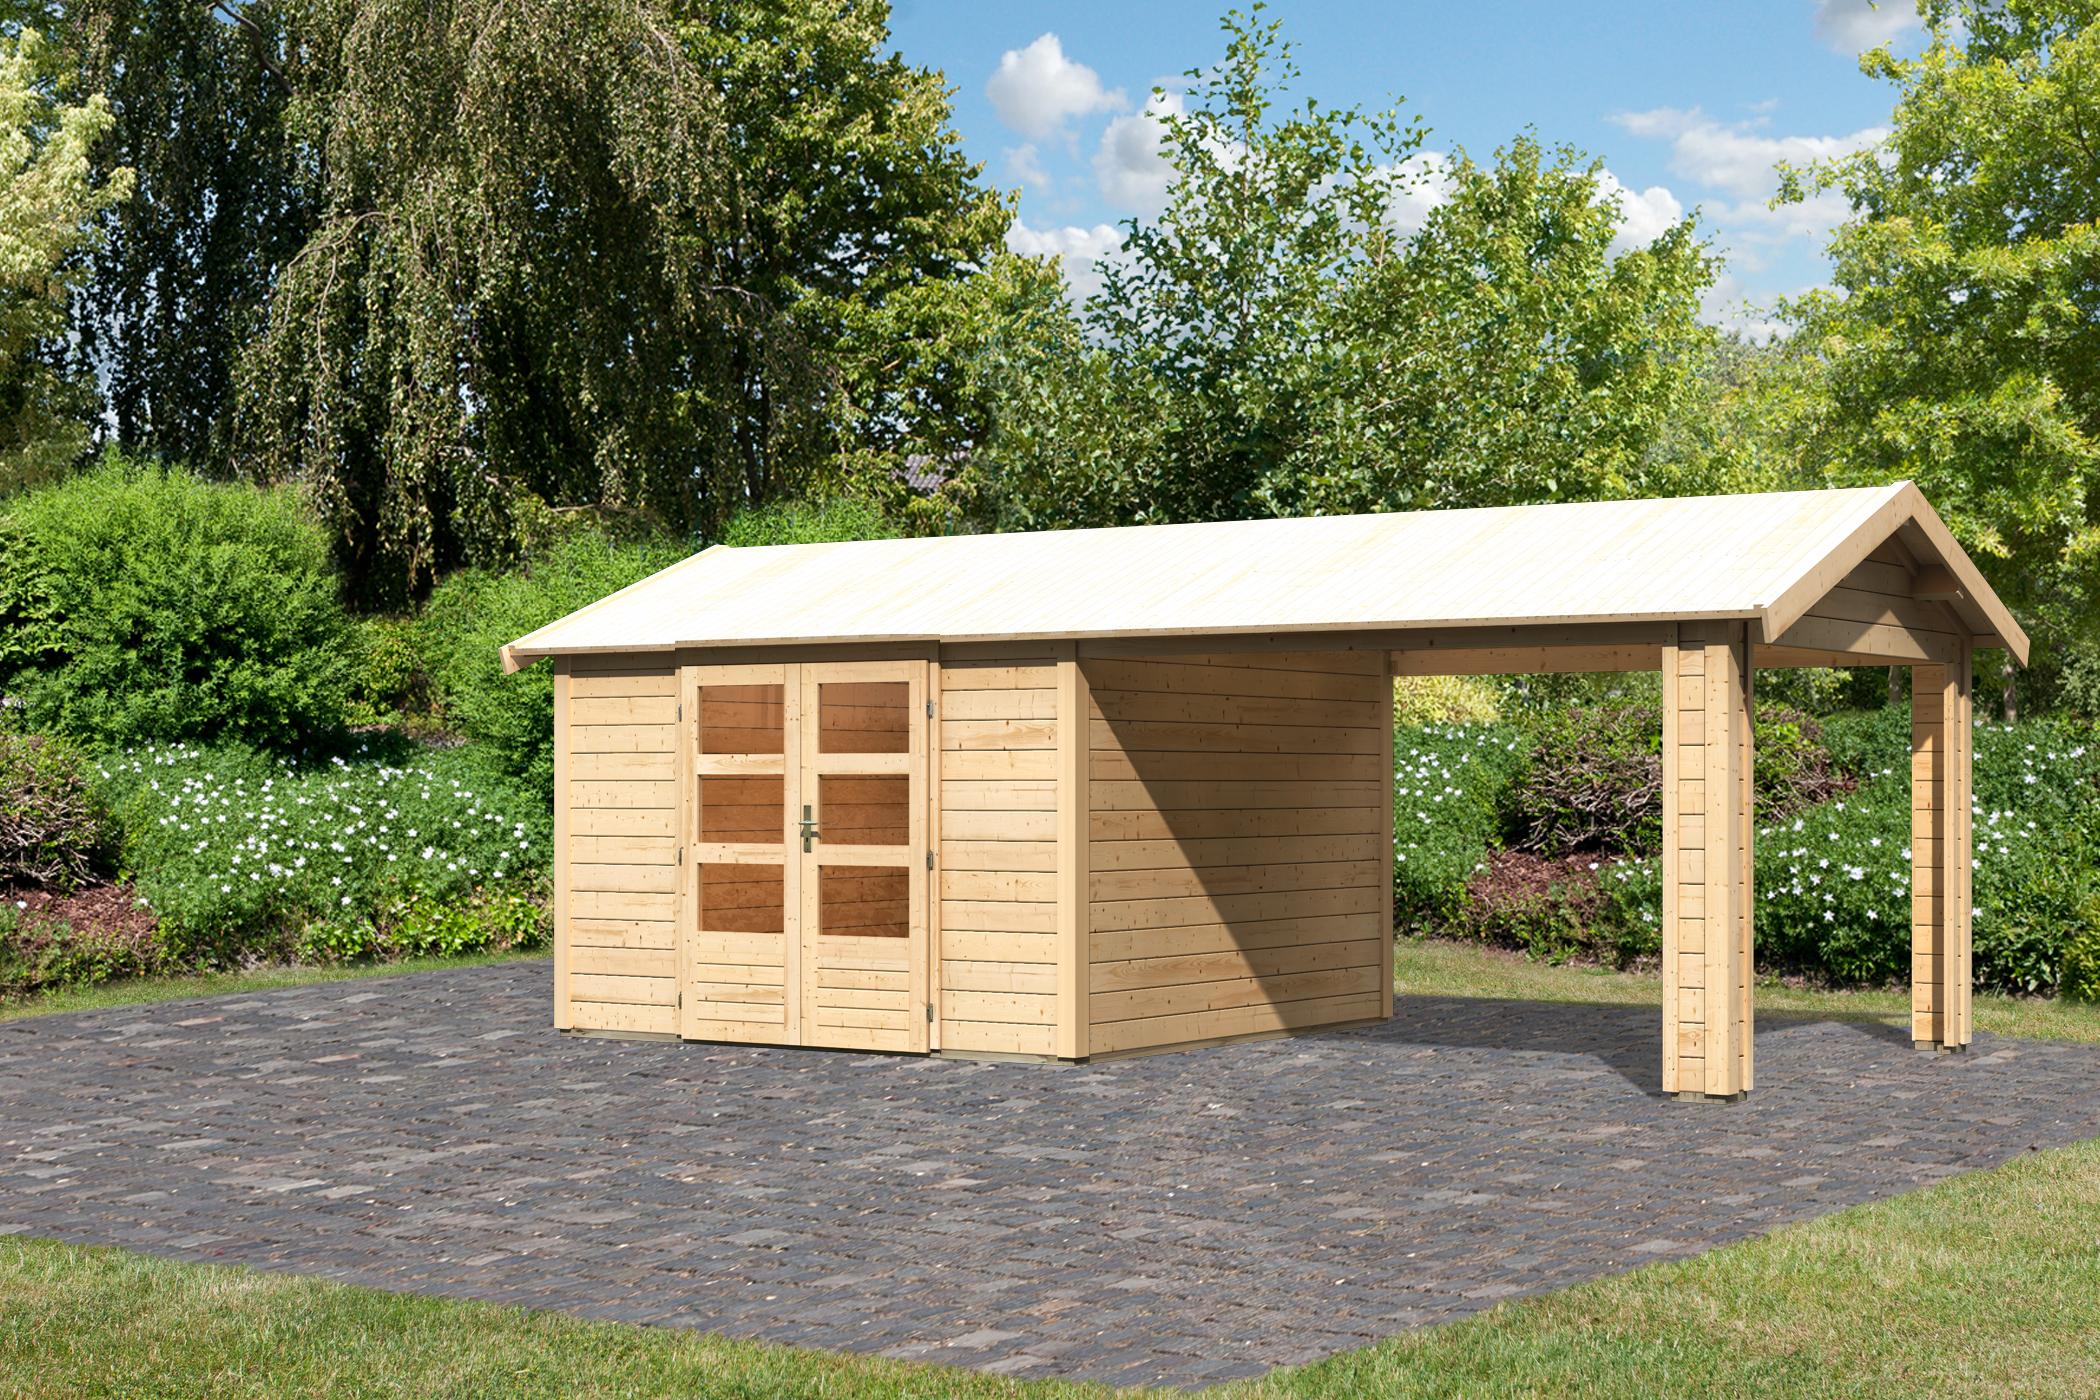 Cabane De Jardin Tastrup 7 Avec Abri 604 X 304 X 250 Cm pour Abri De Jardin En Cedre